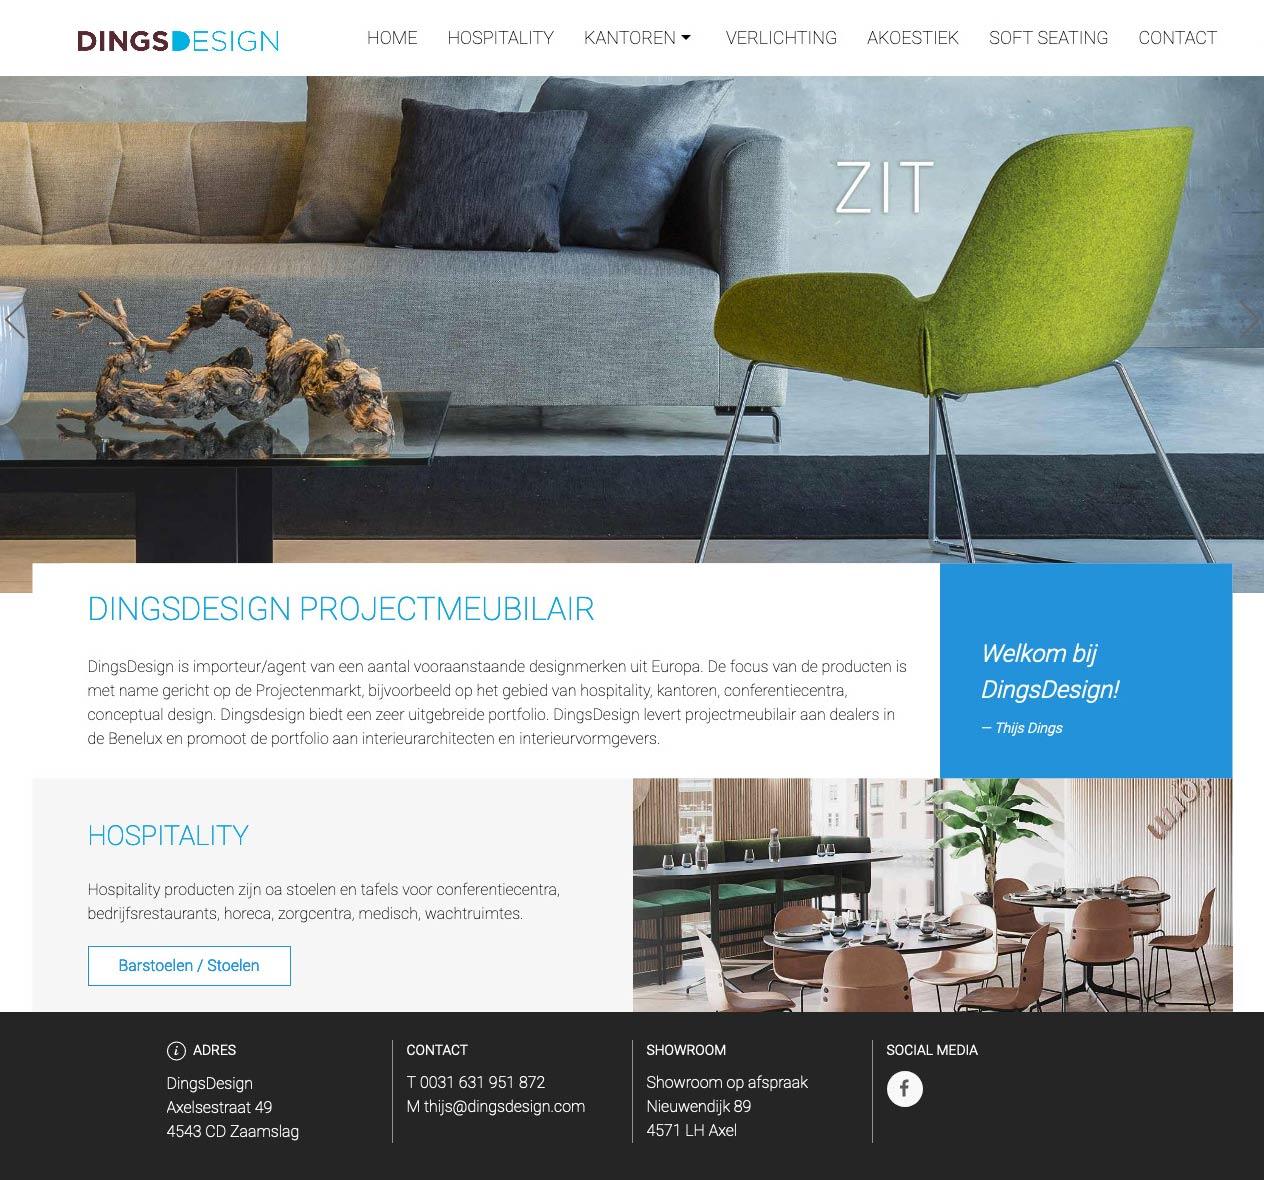 Website voor DingsDesign